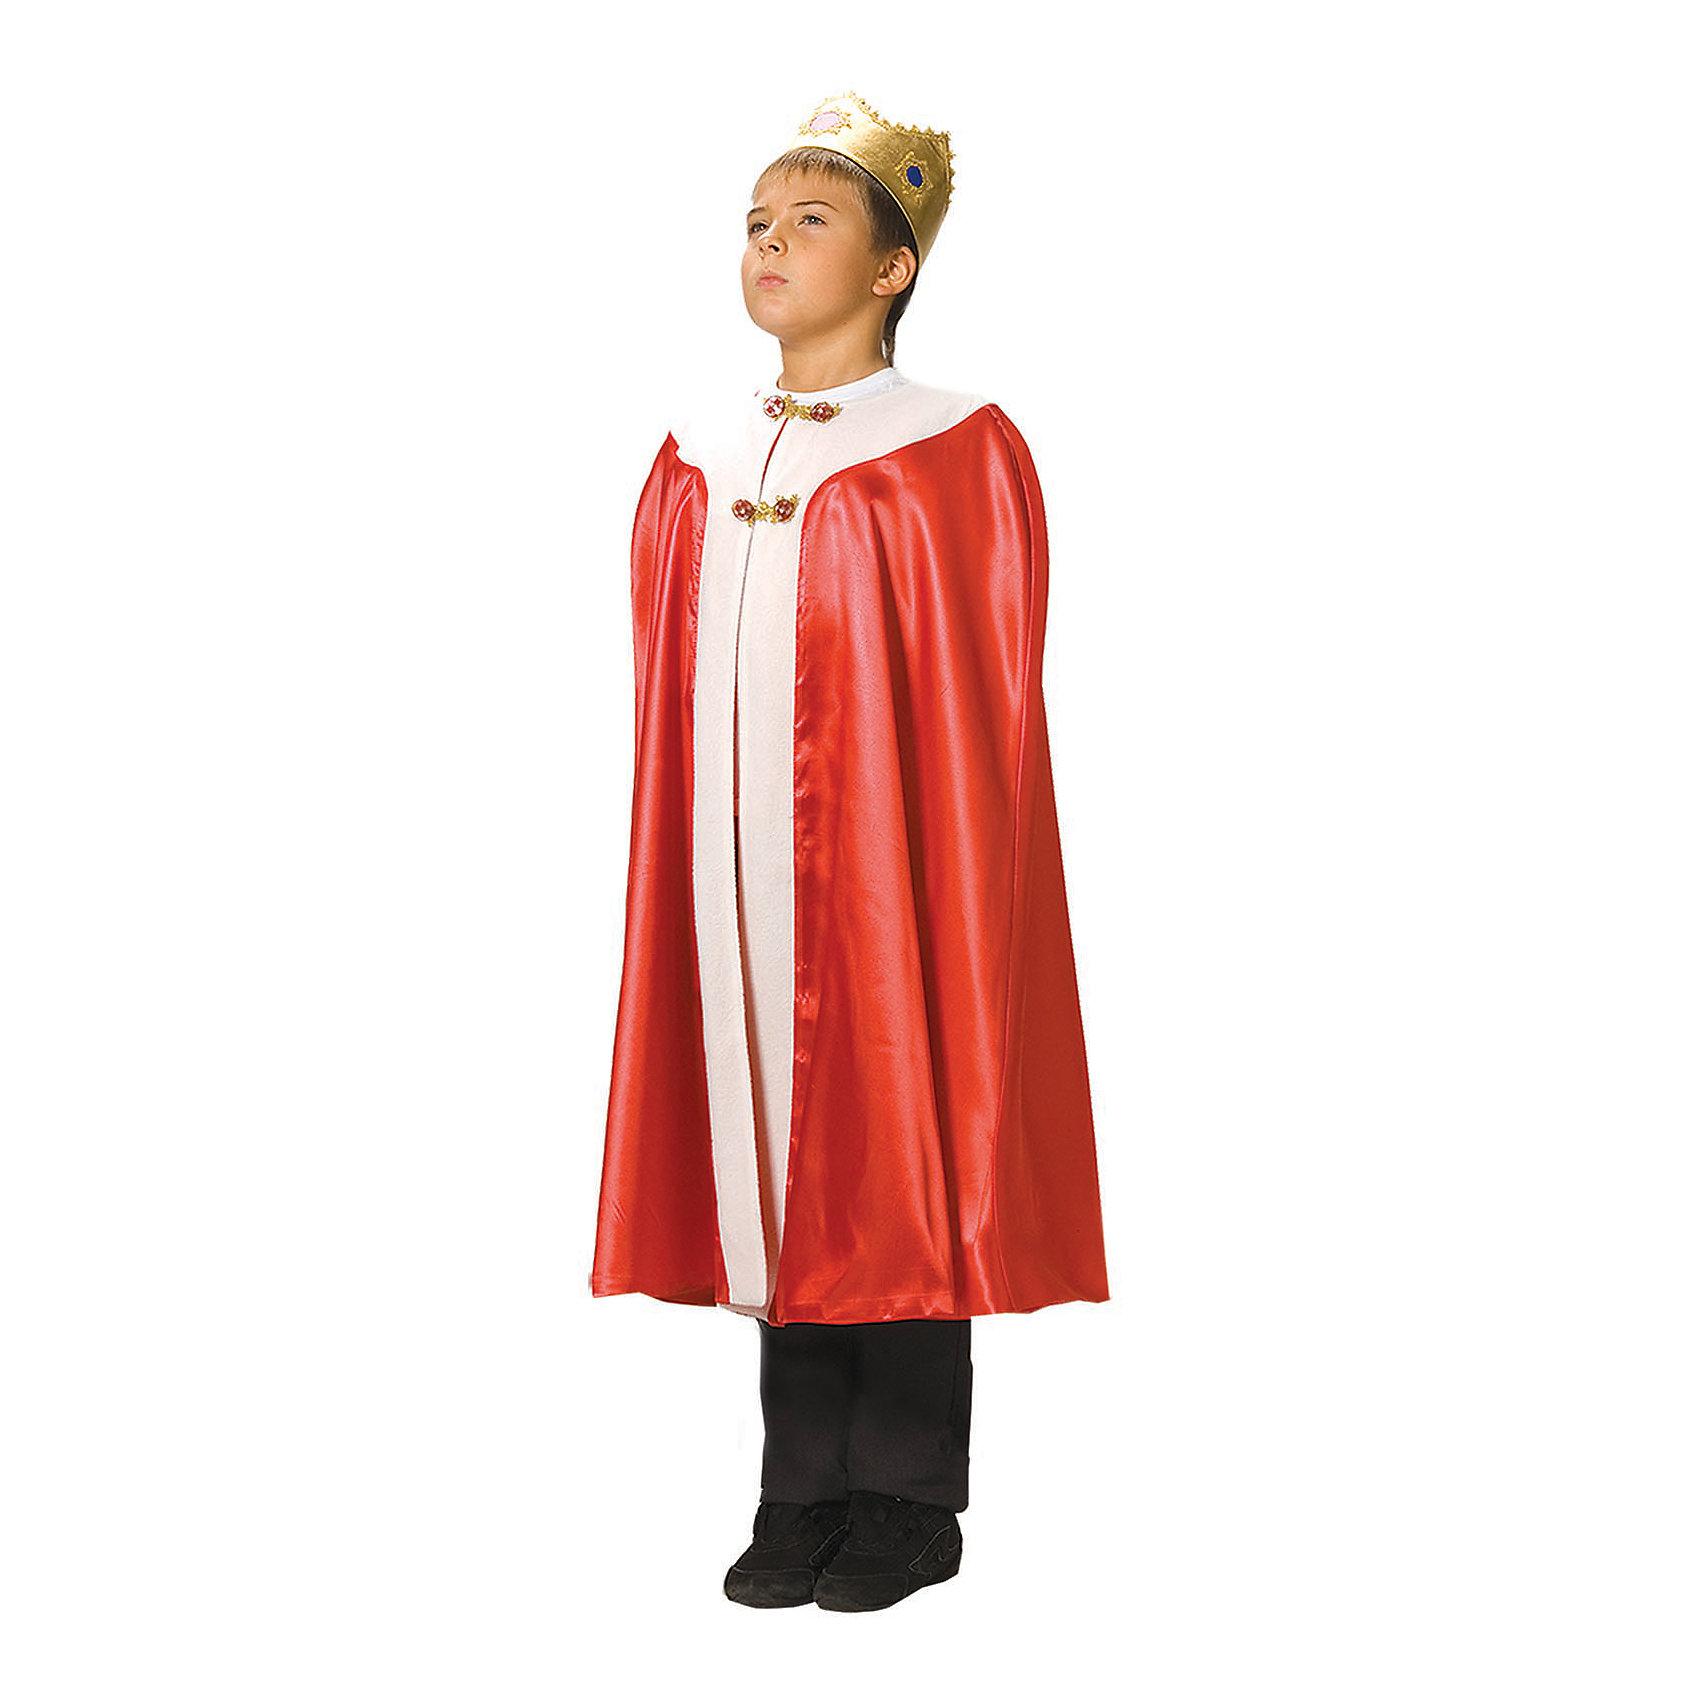 Карнавальный костюм для мальчика Король, ВестификаКарнавальный костюм Король - один из самых популярных и любимых детьми костюмов. Он выполнен из красного крепсатина, украшен белым флисом, имитирующим мех. Корона сшита из стрейч-парчи, благодаря чему удобно садится на голову. Плащ-мантия посажен на подкладку. Сверху на горловине мантия фиксируется красивой пуговицей.<br><br>Дополнительная информация:<br><br>Комплектация:<br>Мантия красная<br>Корона из стрейч-парчи<br>Ткани:<br>Крепсатин (100% полиэстер)<br>Стрейч-парча (95% полиэстер, 5% эластан)<br>Флис (100% полиэстер)<br><br>Карнавальный костюм для мальчика Король, Вестифика можно купить в нашем магазине.<br><br>Ширина мм: 236<br>Глубина мм: 16<br>Высота мм: 184<br>Вес г: 310<br>Цвет: разноцветный<br>Возраст от месяцев: 84<br>Возраст до месяцев: 120<br>Пол: Мужской<br>Возраст: Детский<br>Размер: 122/140<br>SKU: 4389245